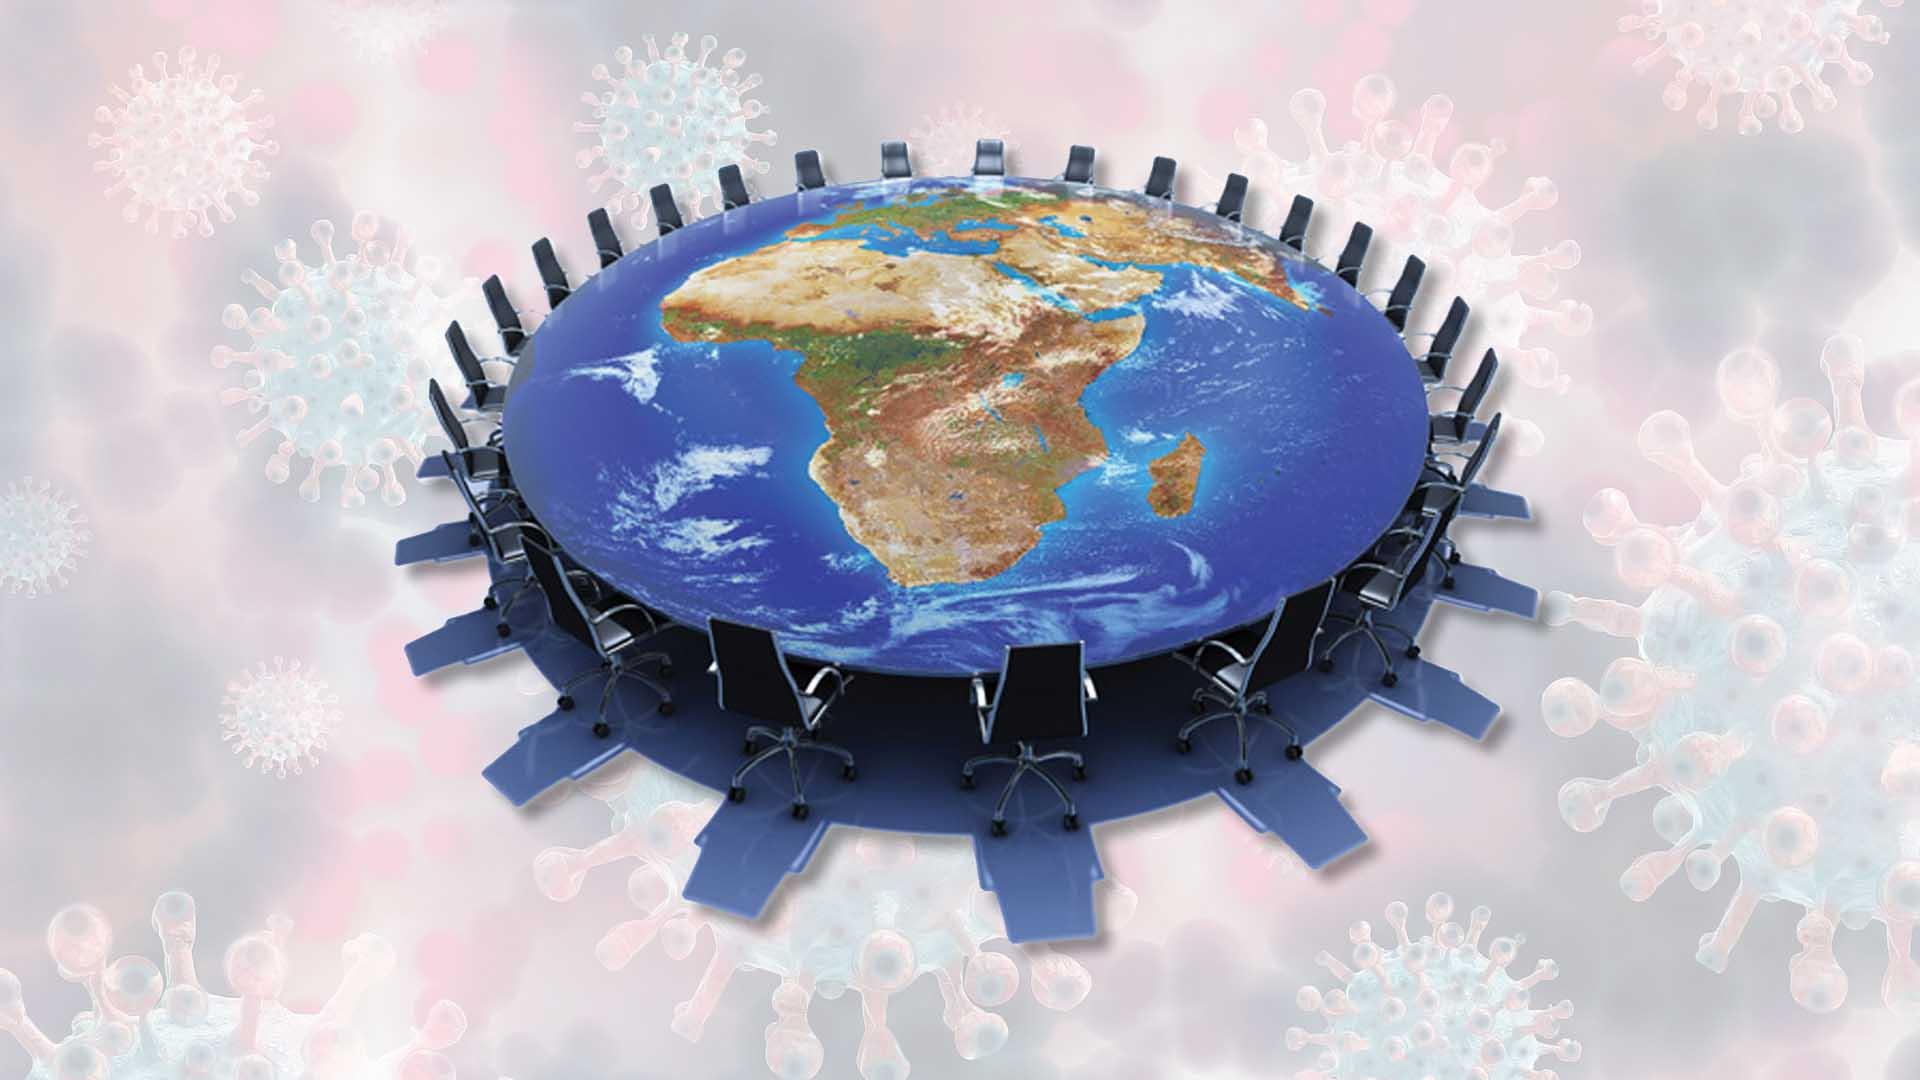 الاقتصاد العالمي وتأثيره على العلاقات الدولية